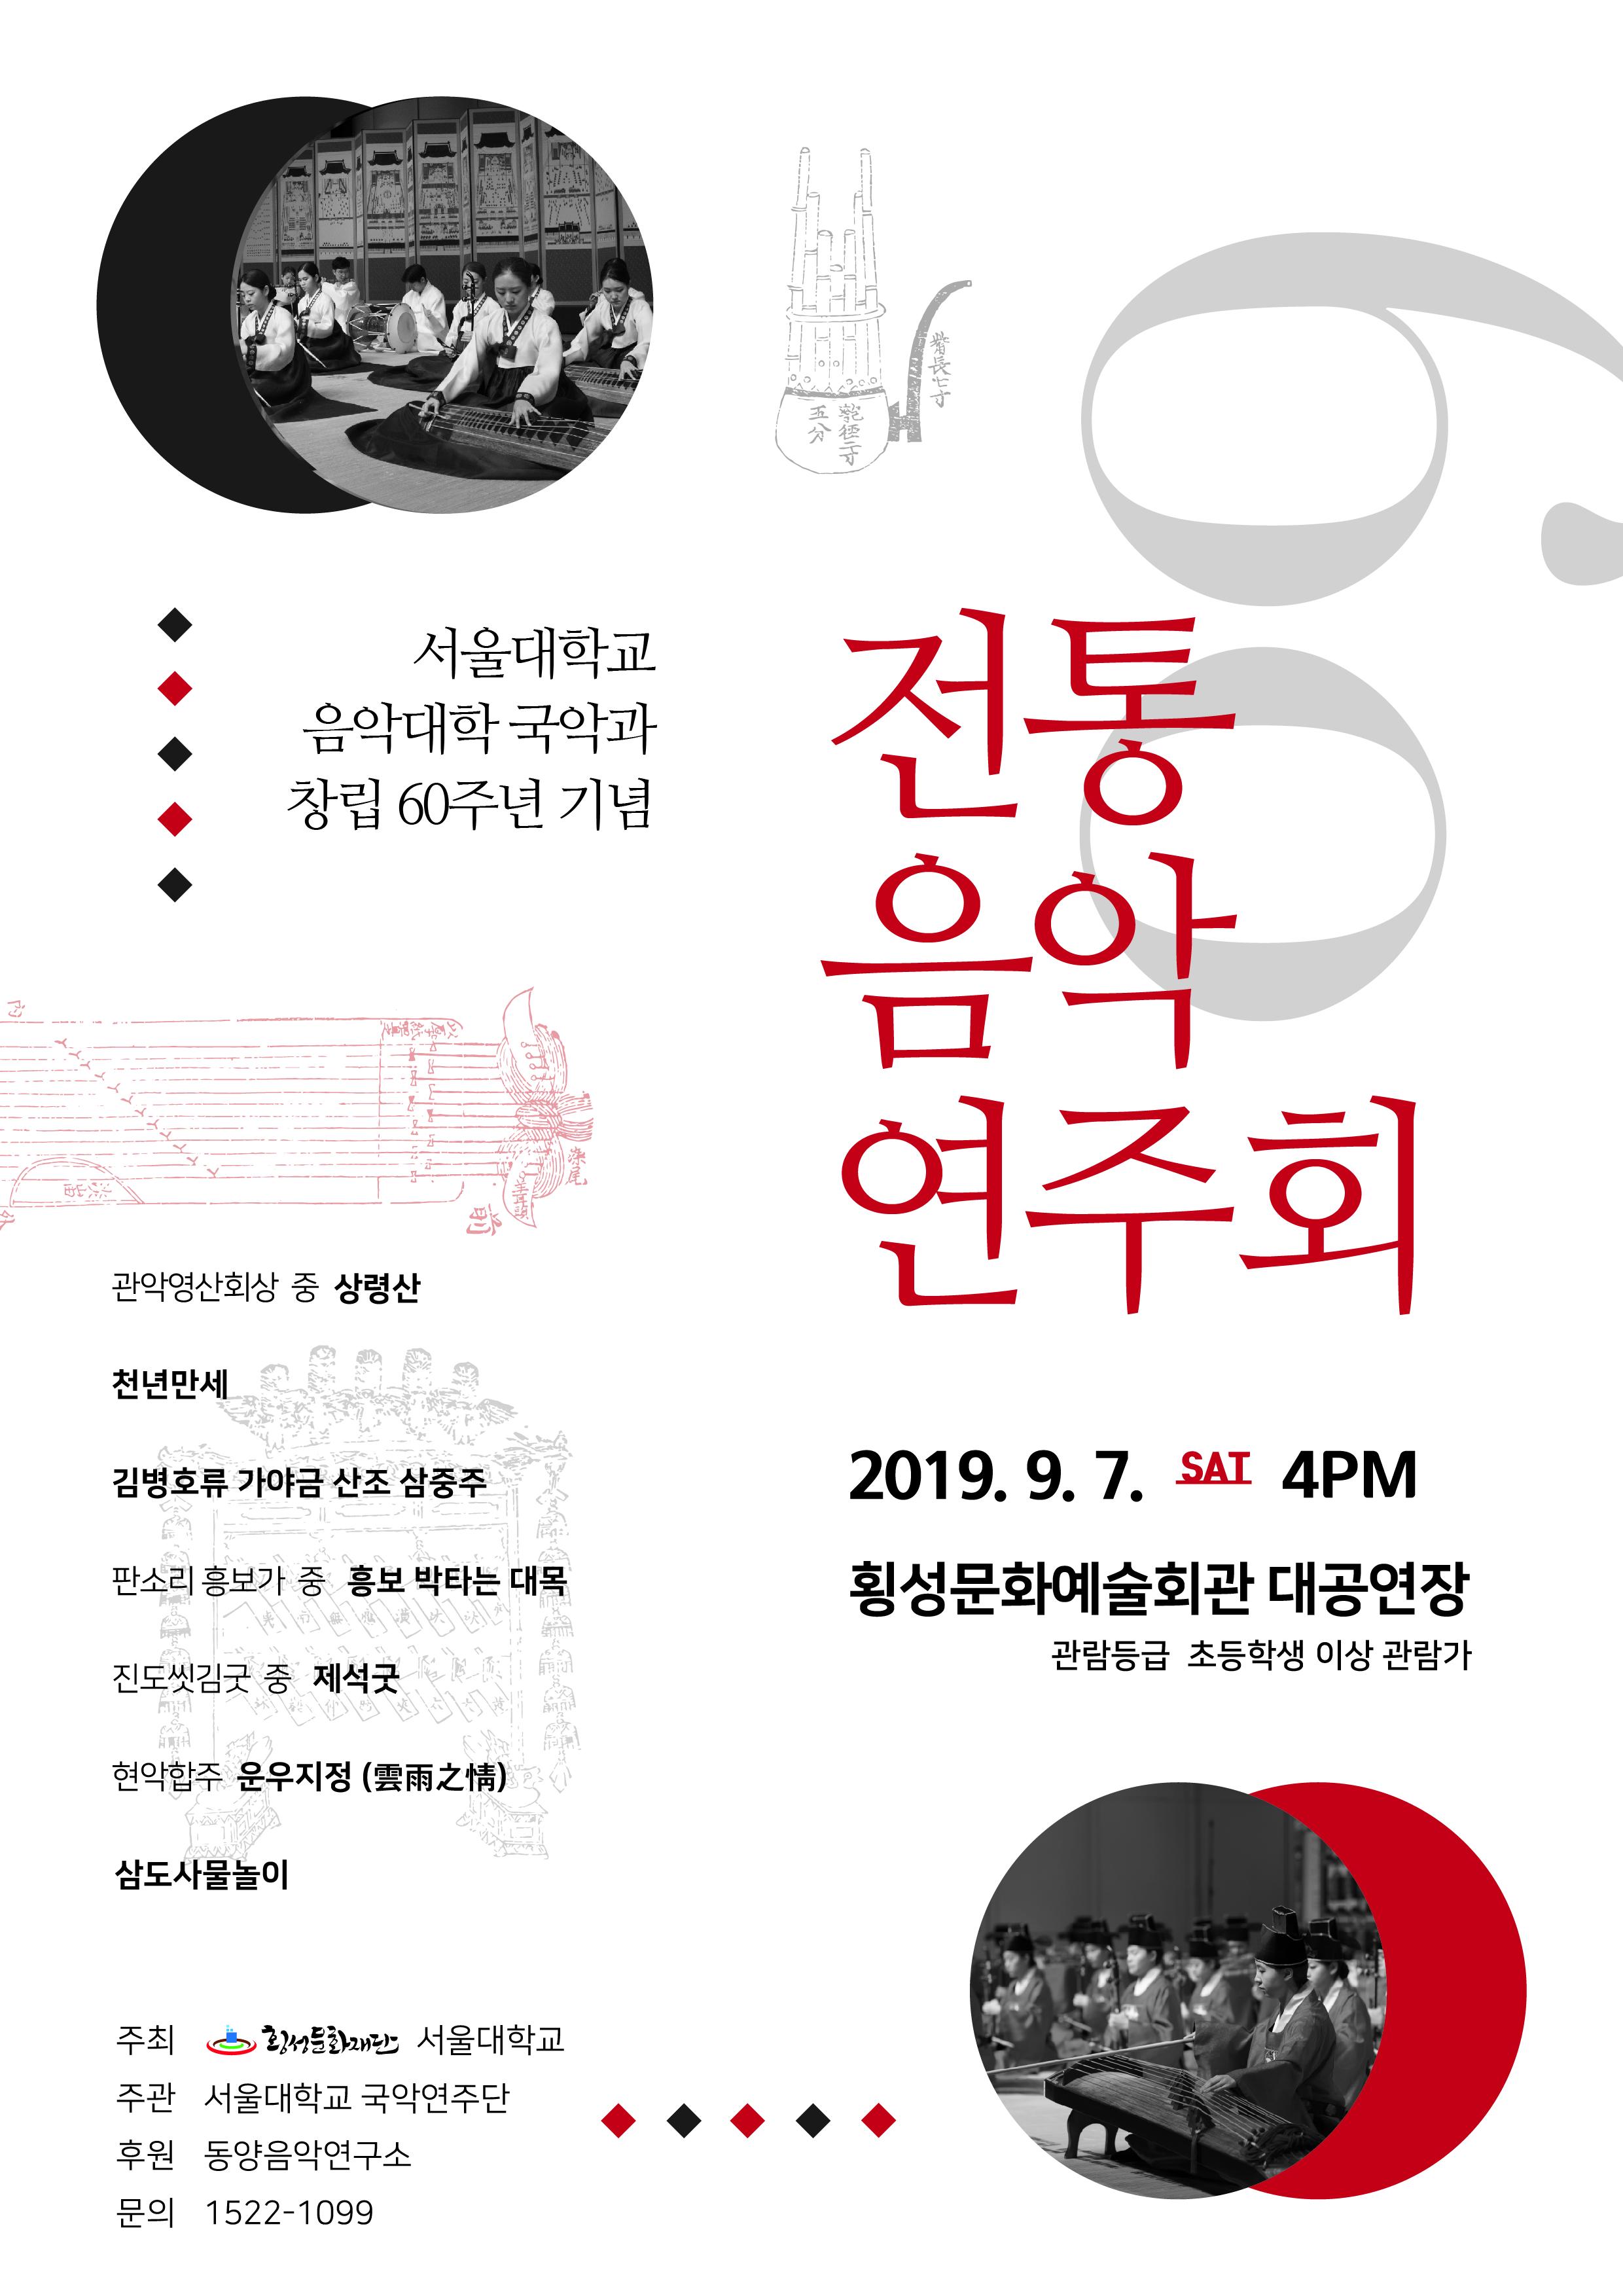 서울대학교 전통음악연주회